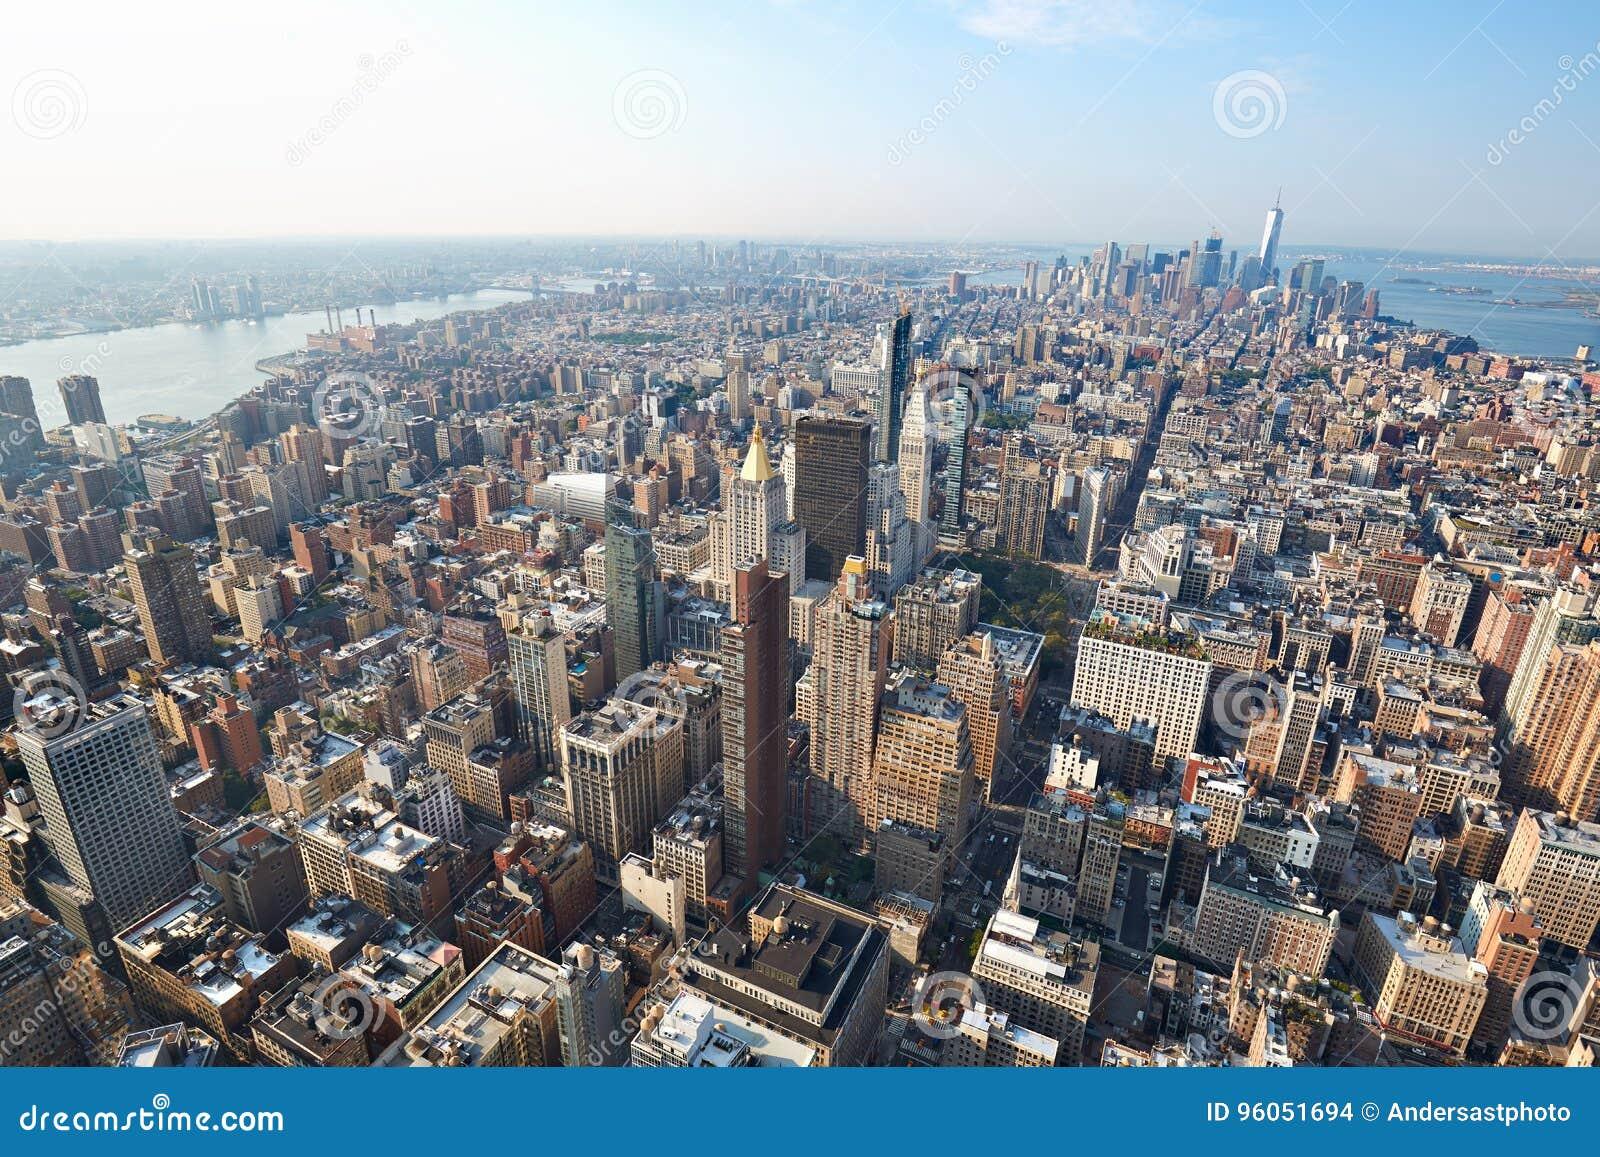 Vue aérienne de New York City Manhattan avec des gratte-ciel dans un jour ensoleillé